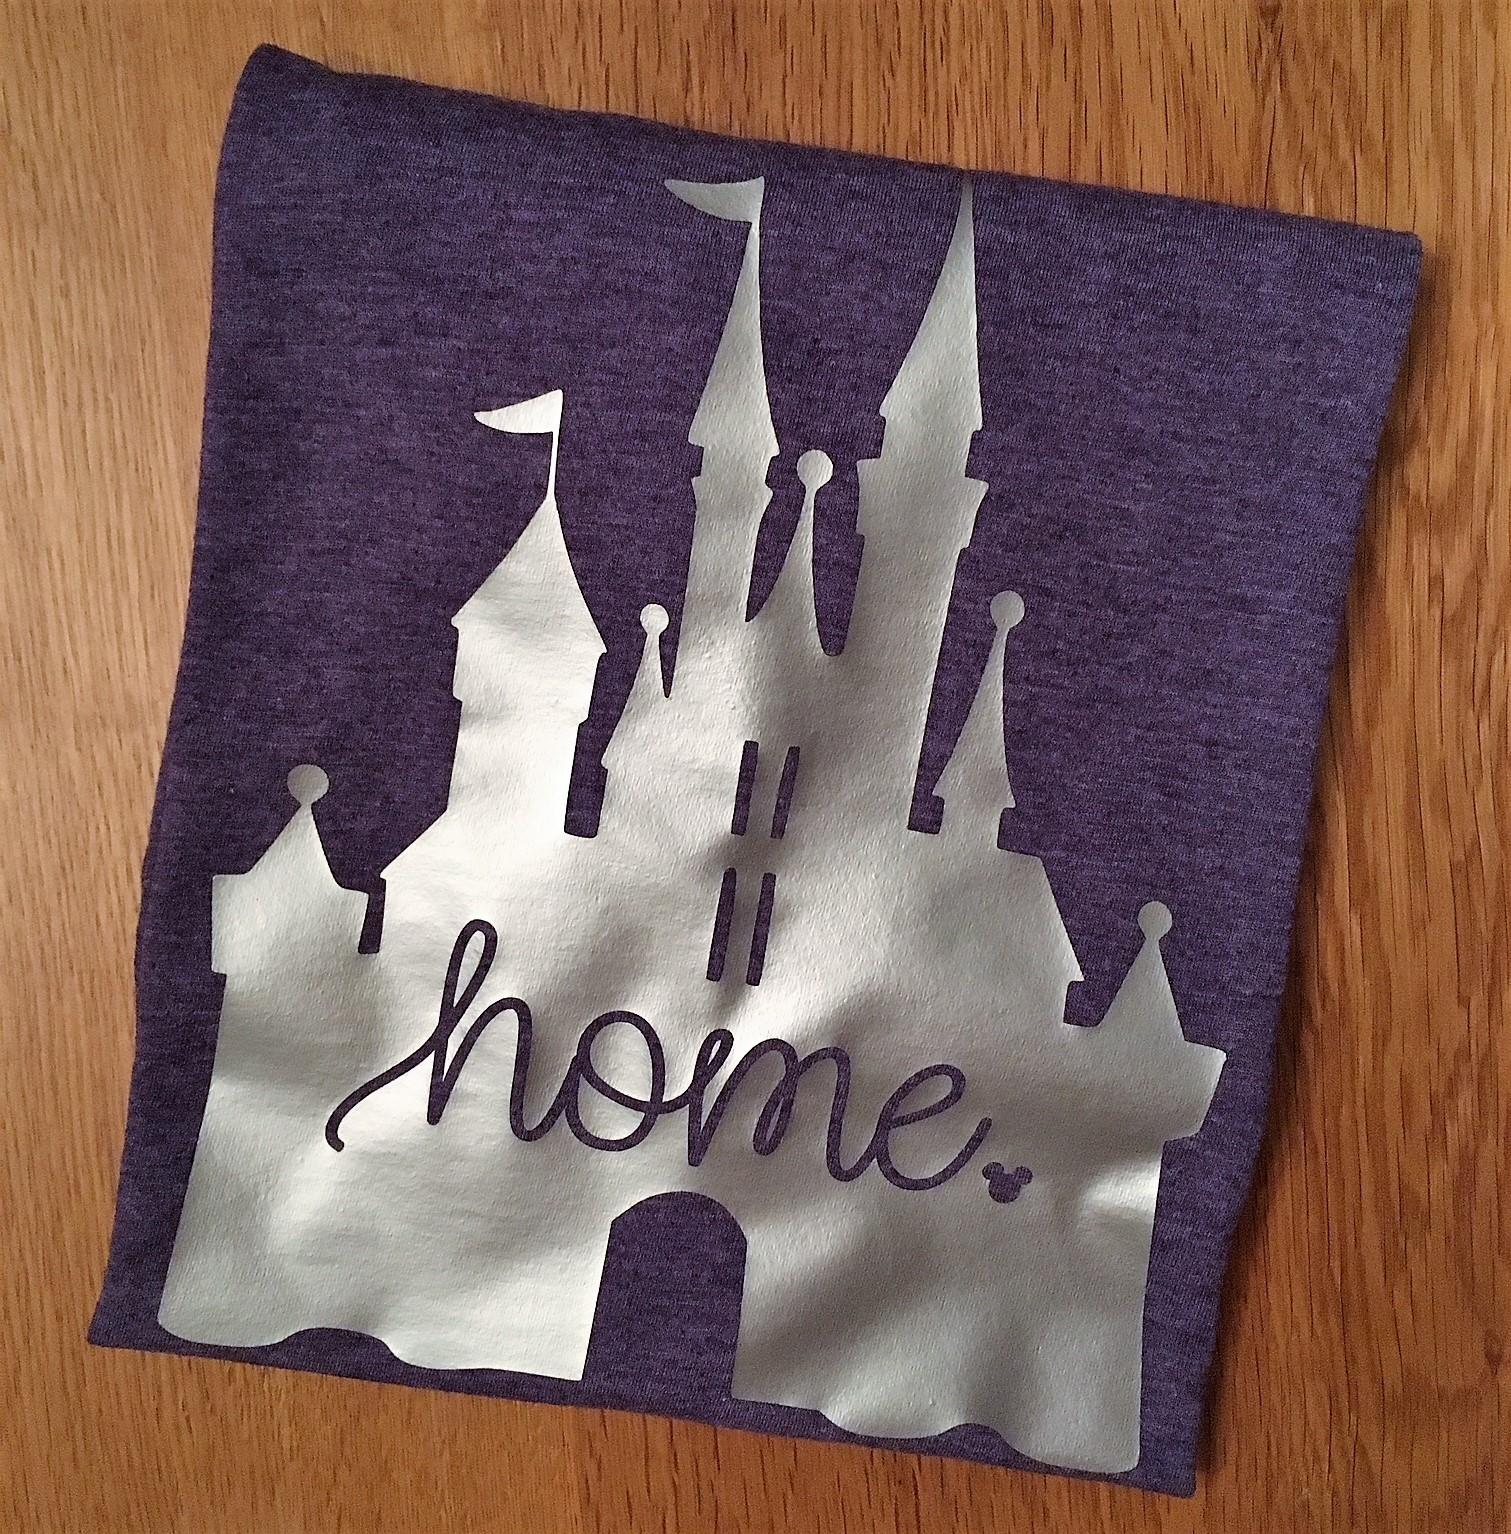 disney castle home tshirt, folded up to showcase image